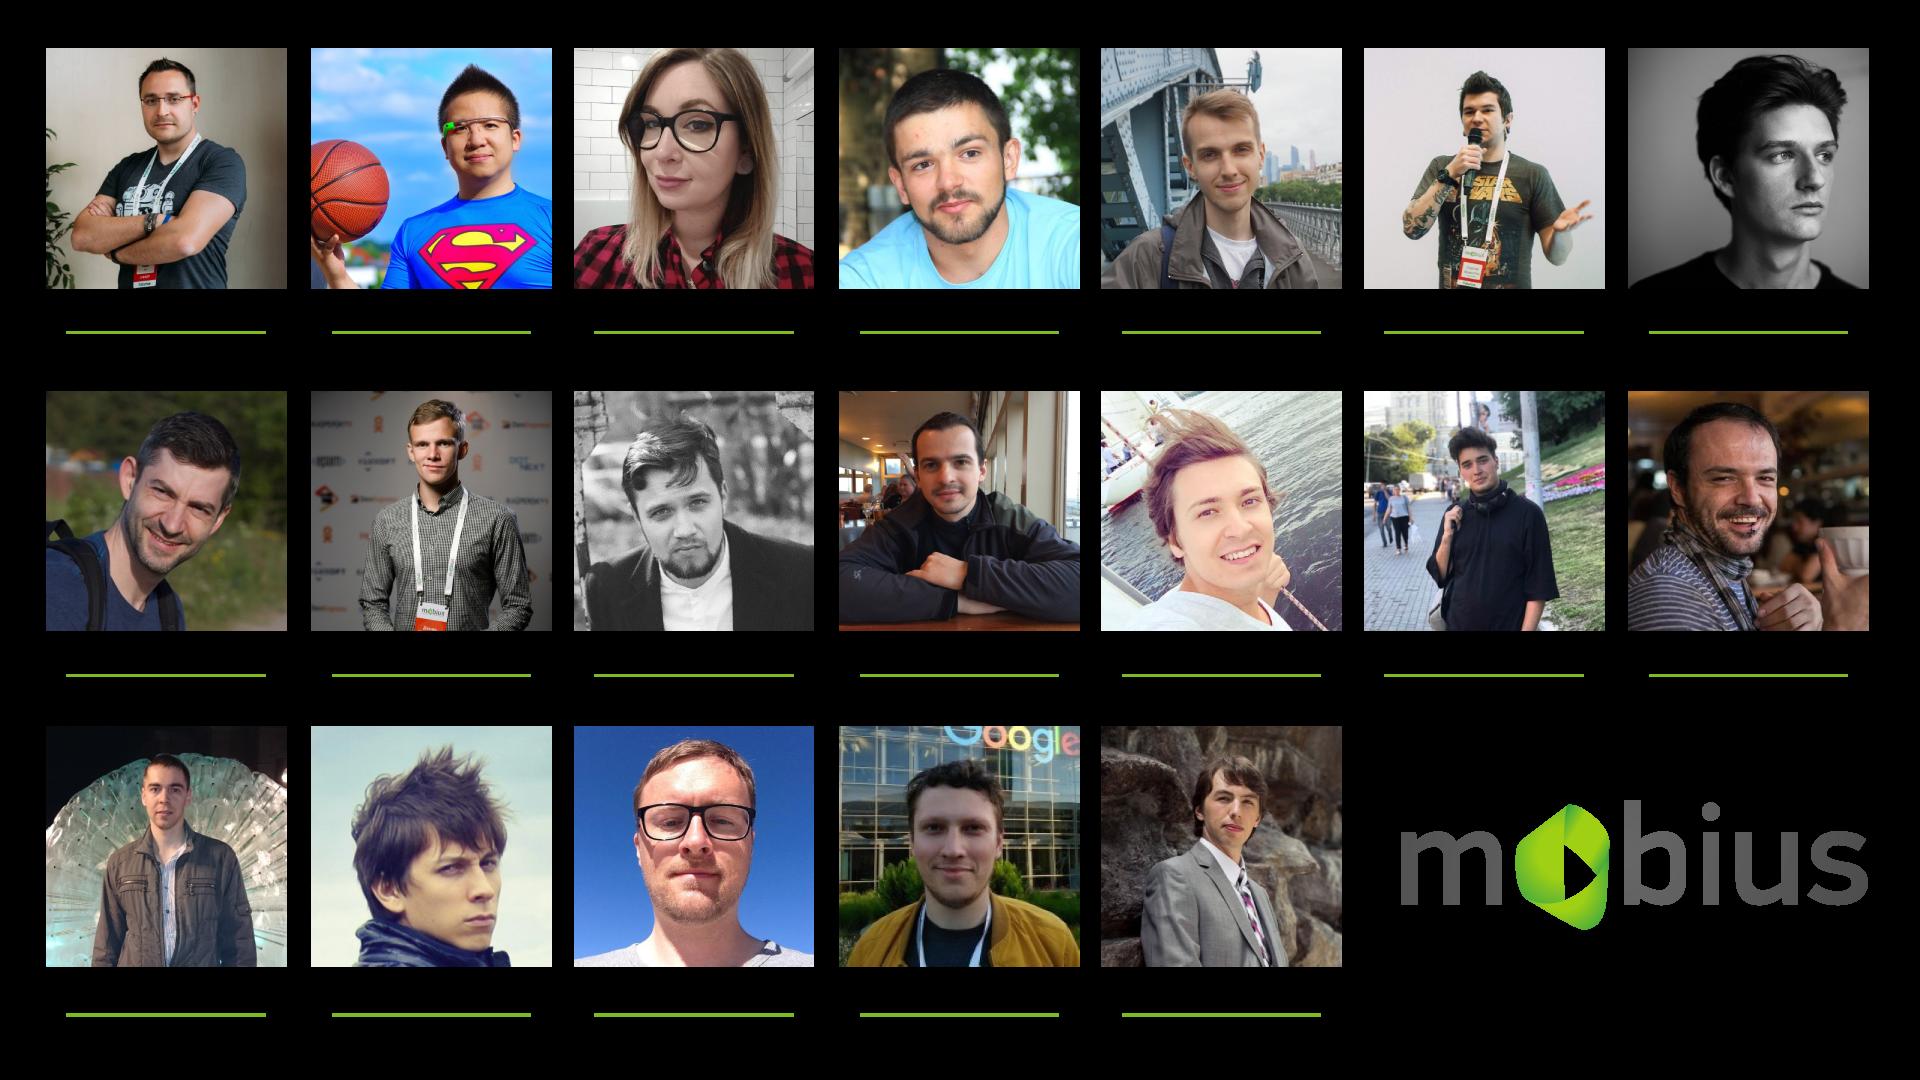 Обзор докладов конференции Mobius 2017 Moscow — прыжок веры в мобильные технологии - 2